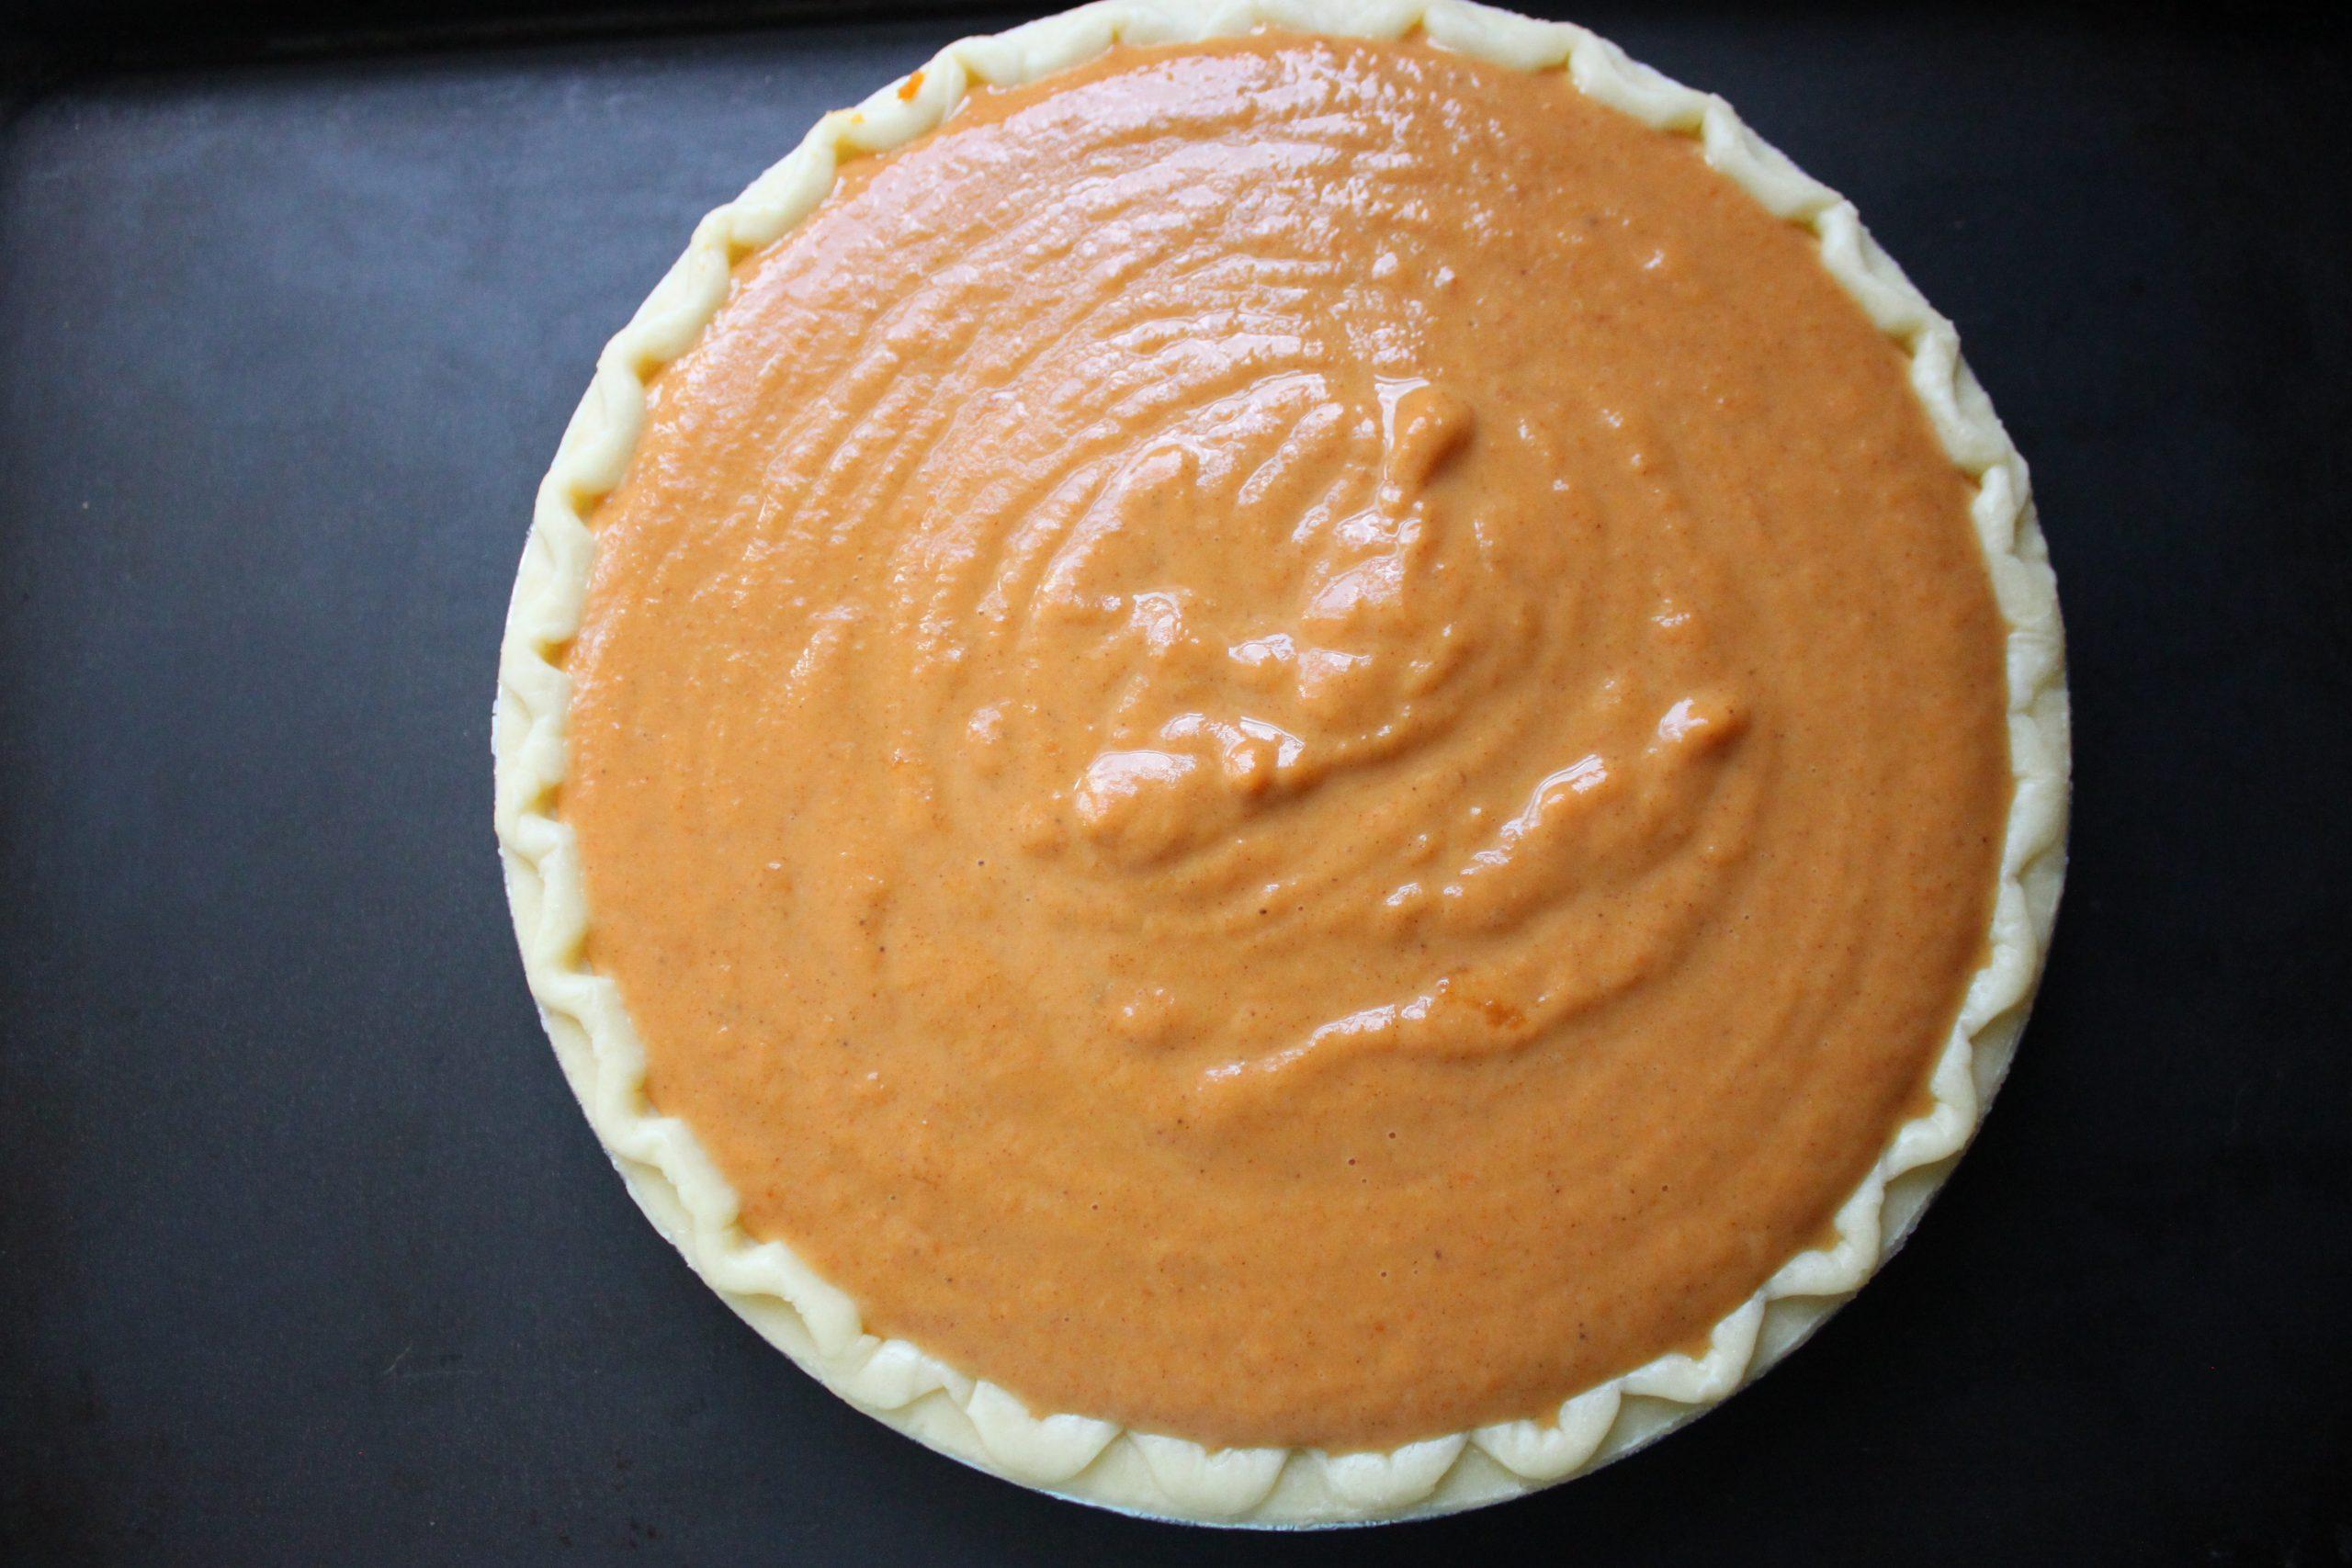 Baking a Pumpkin Pie